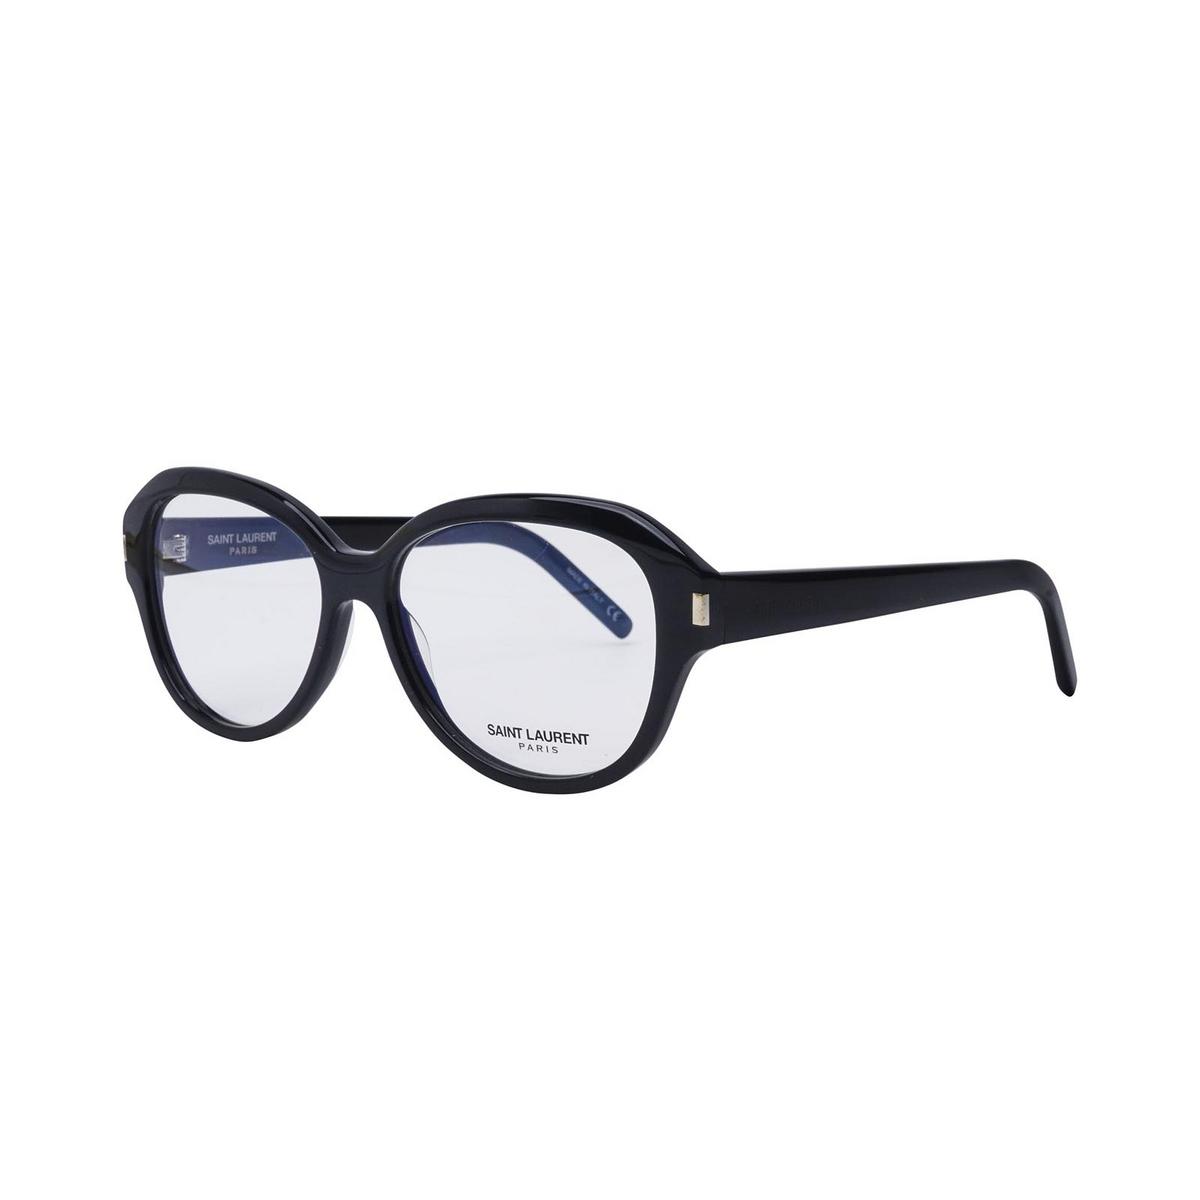 Saint Laurent® Butterfly Eyeglasses: SL 411 color Black 001 - three-quarters view.